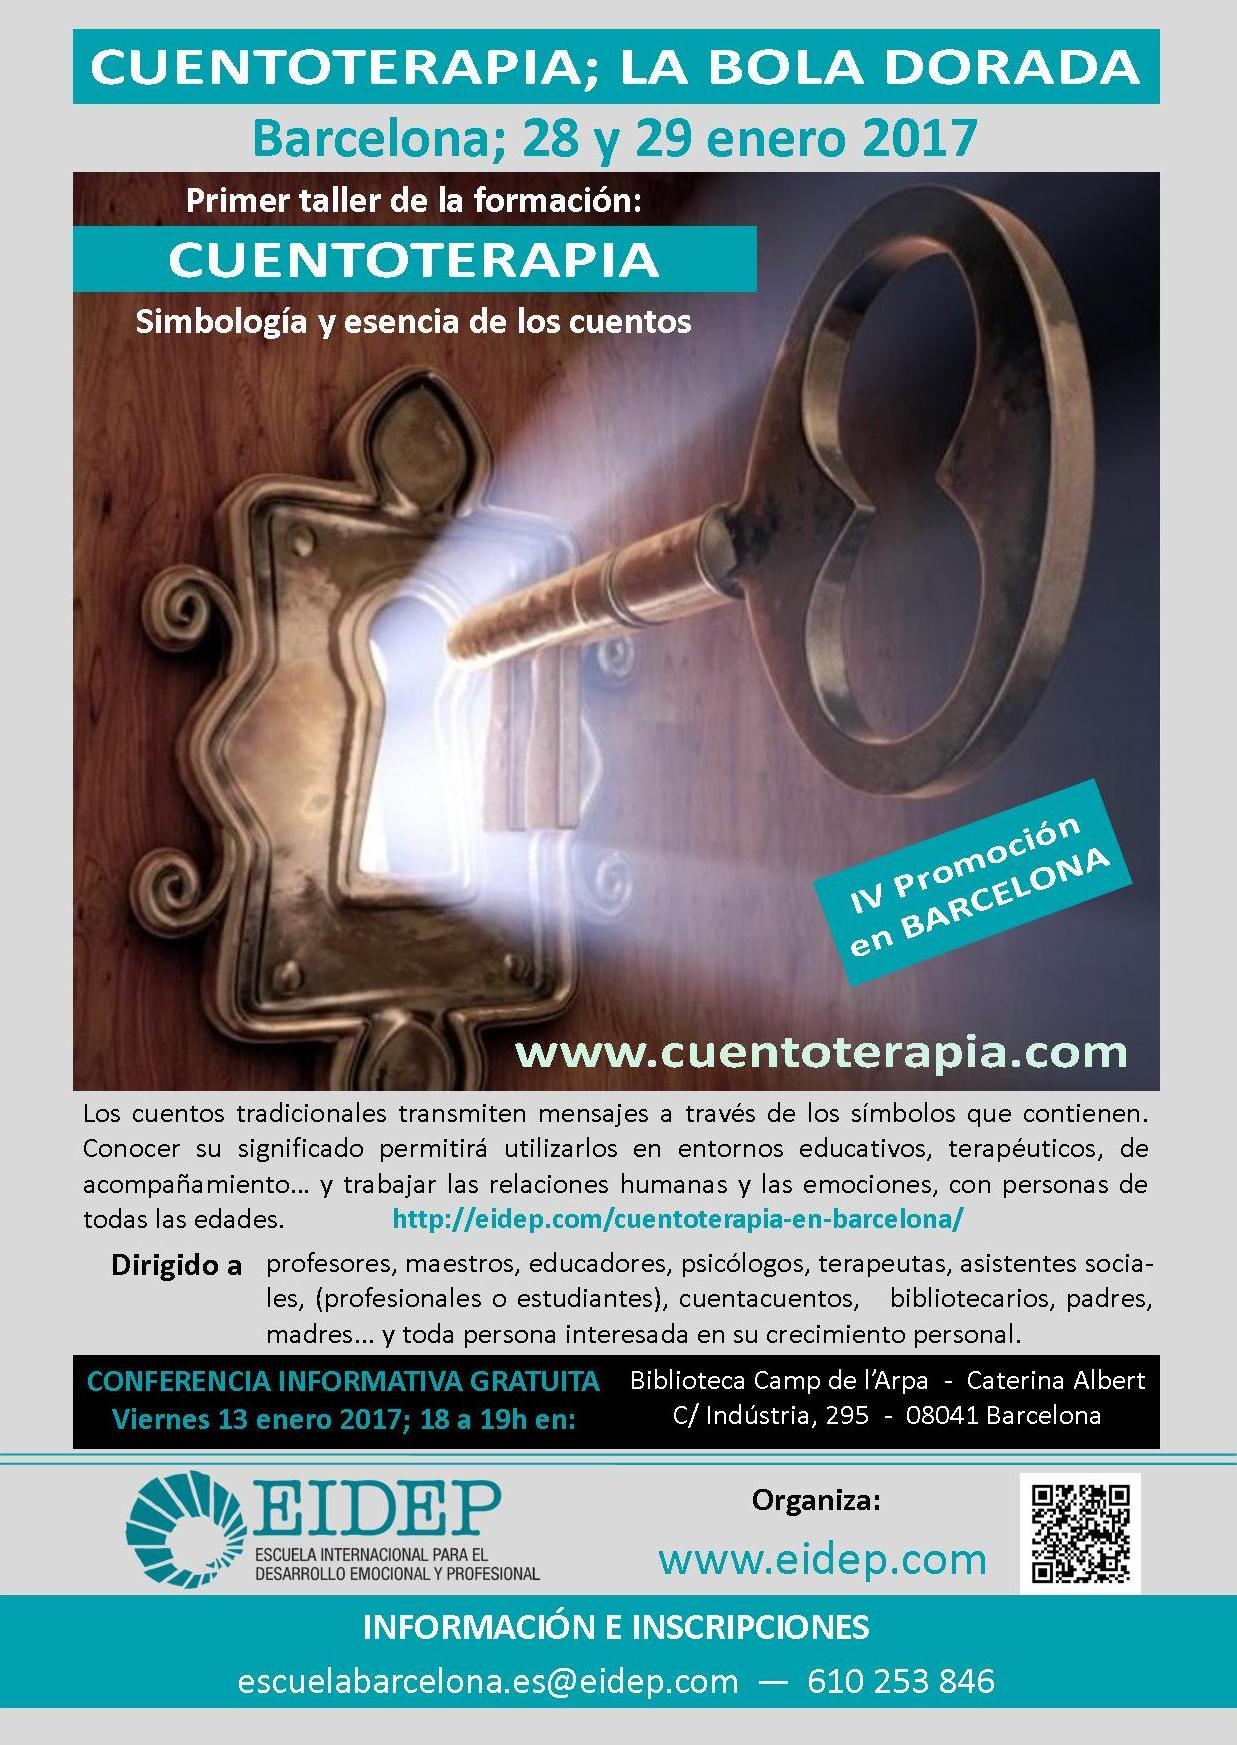 Cuentoterapia en Barcelona